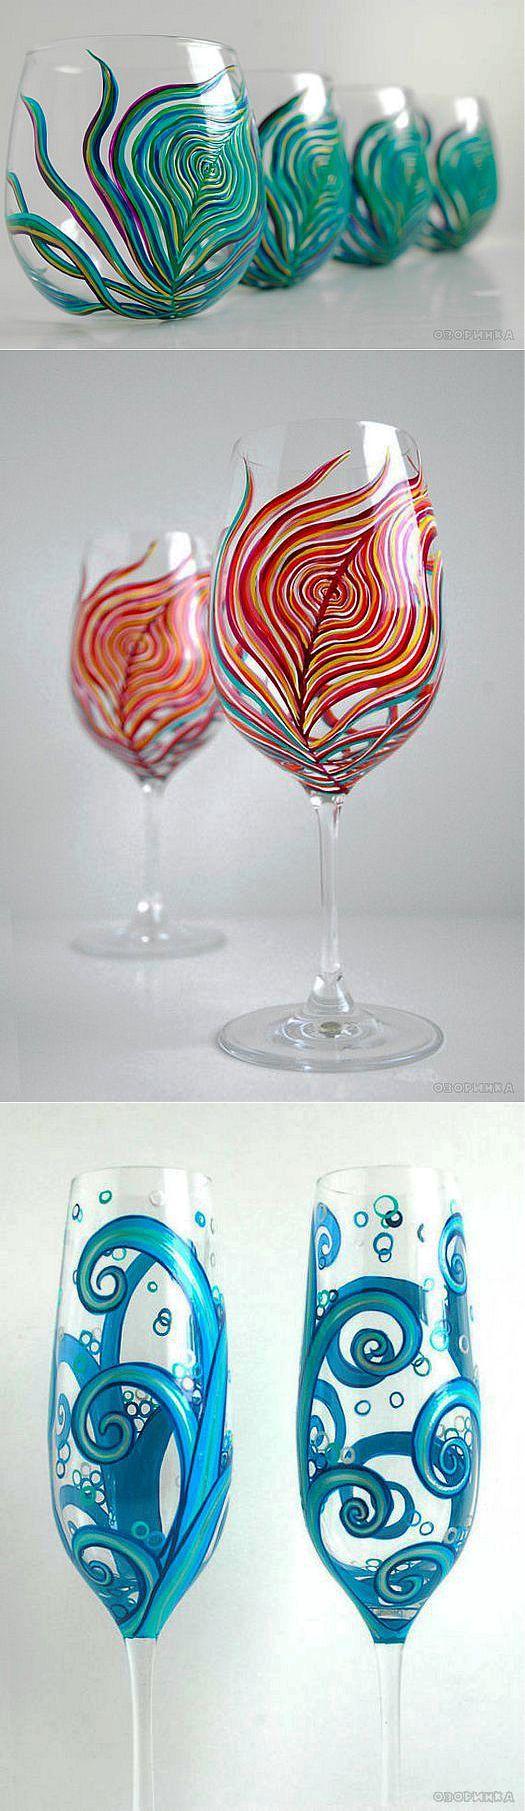 Поделки своими руками - Идеи для росписи посуды   Роспись по стеклу   Постила